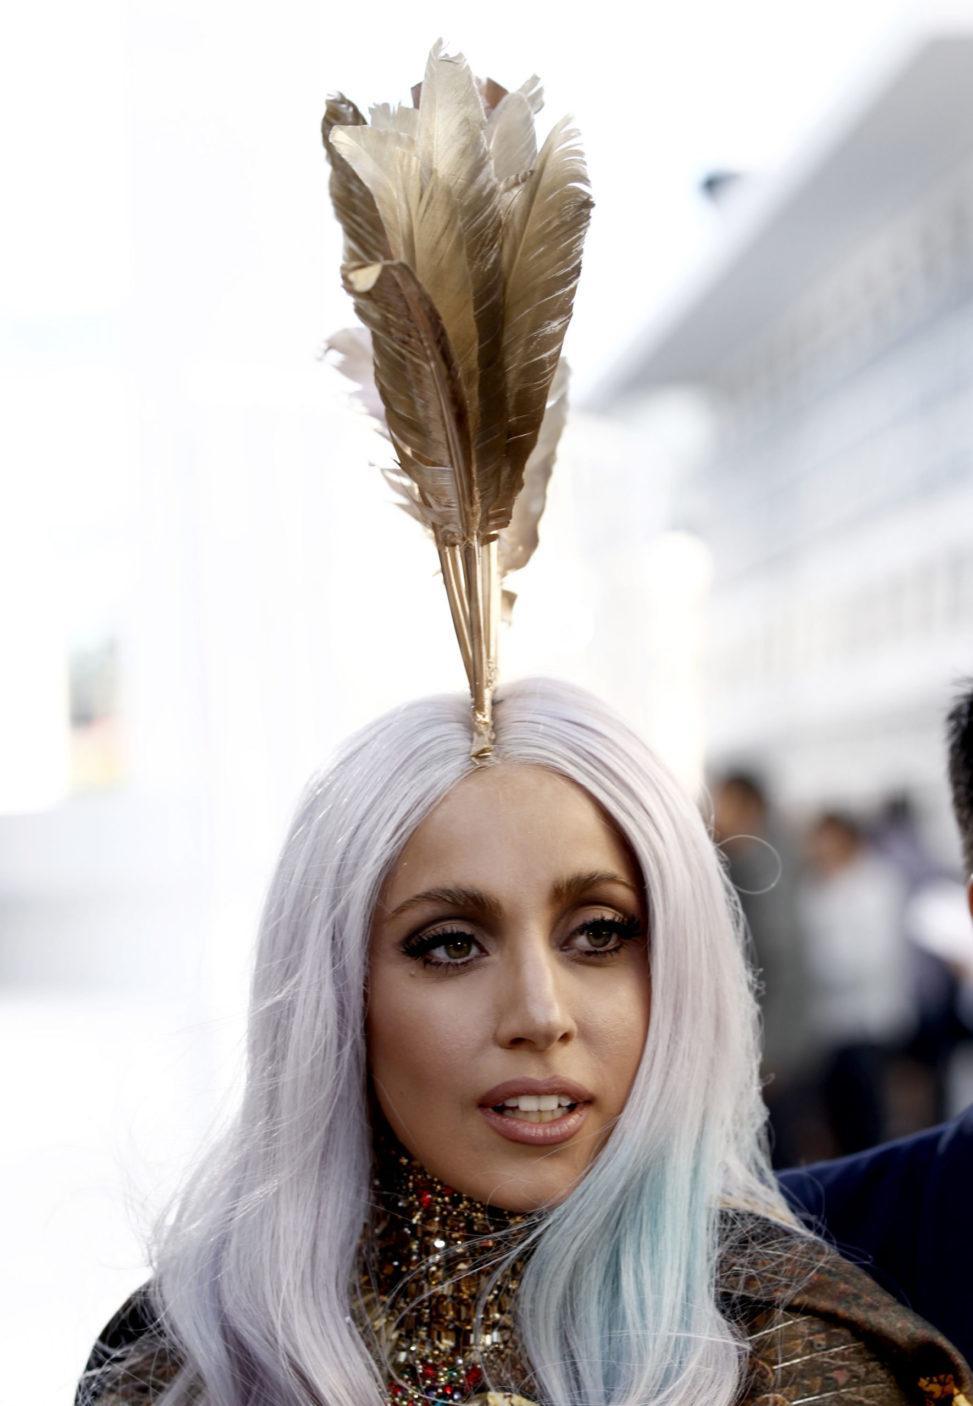 20110324_064730__Malaysia_Lady_Gaga_Censored_NY1100165577